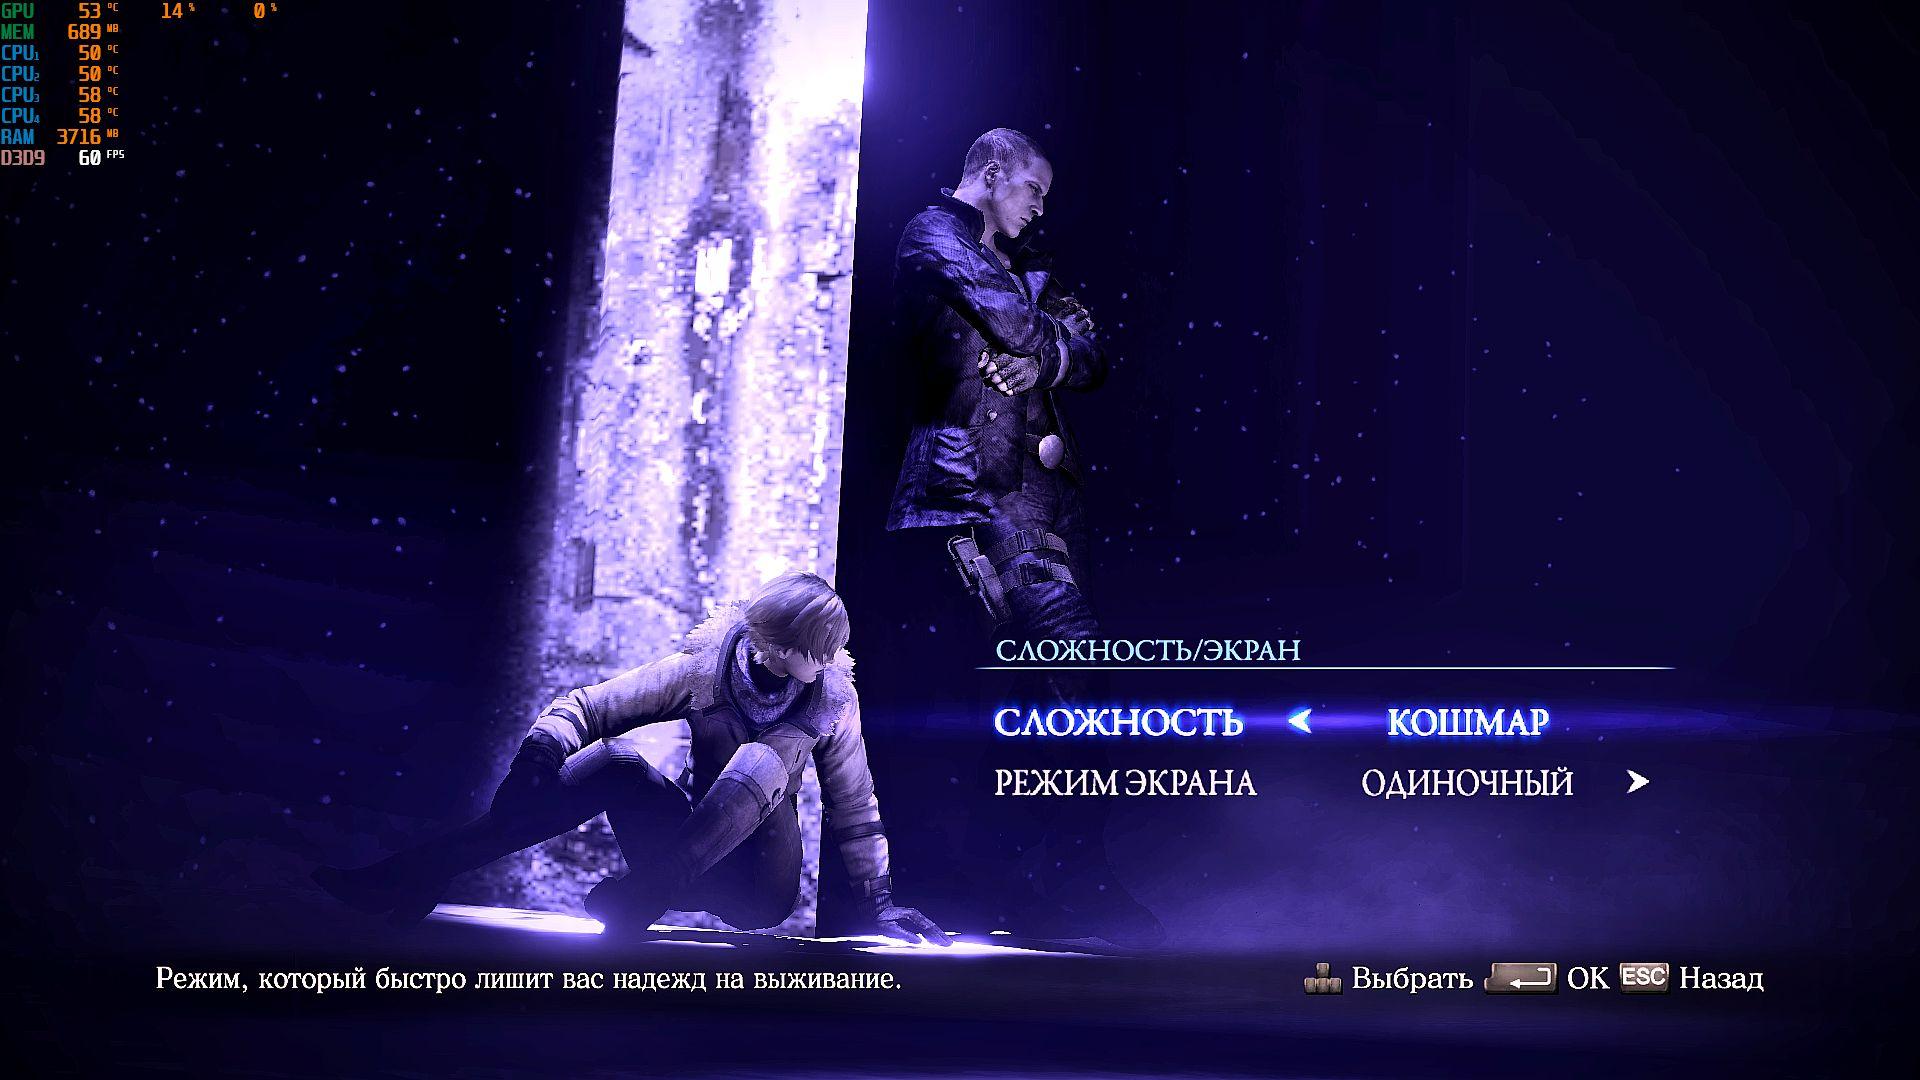 000229.Jpg - Resident Evil 6